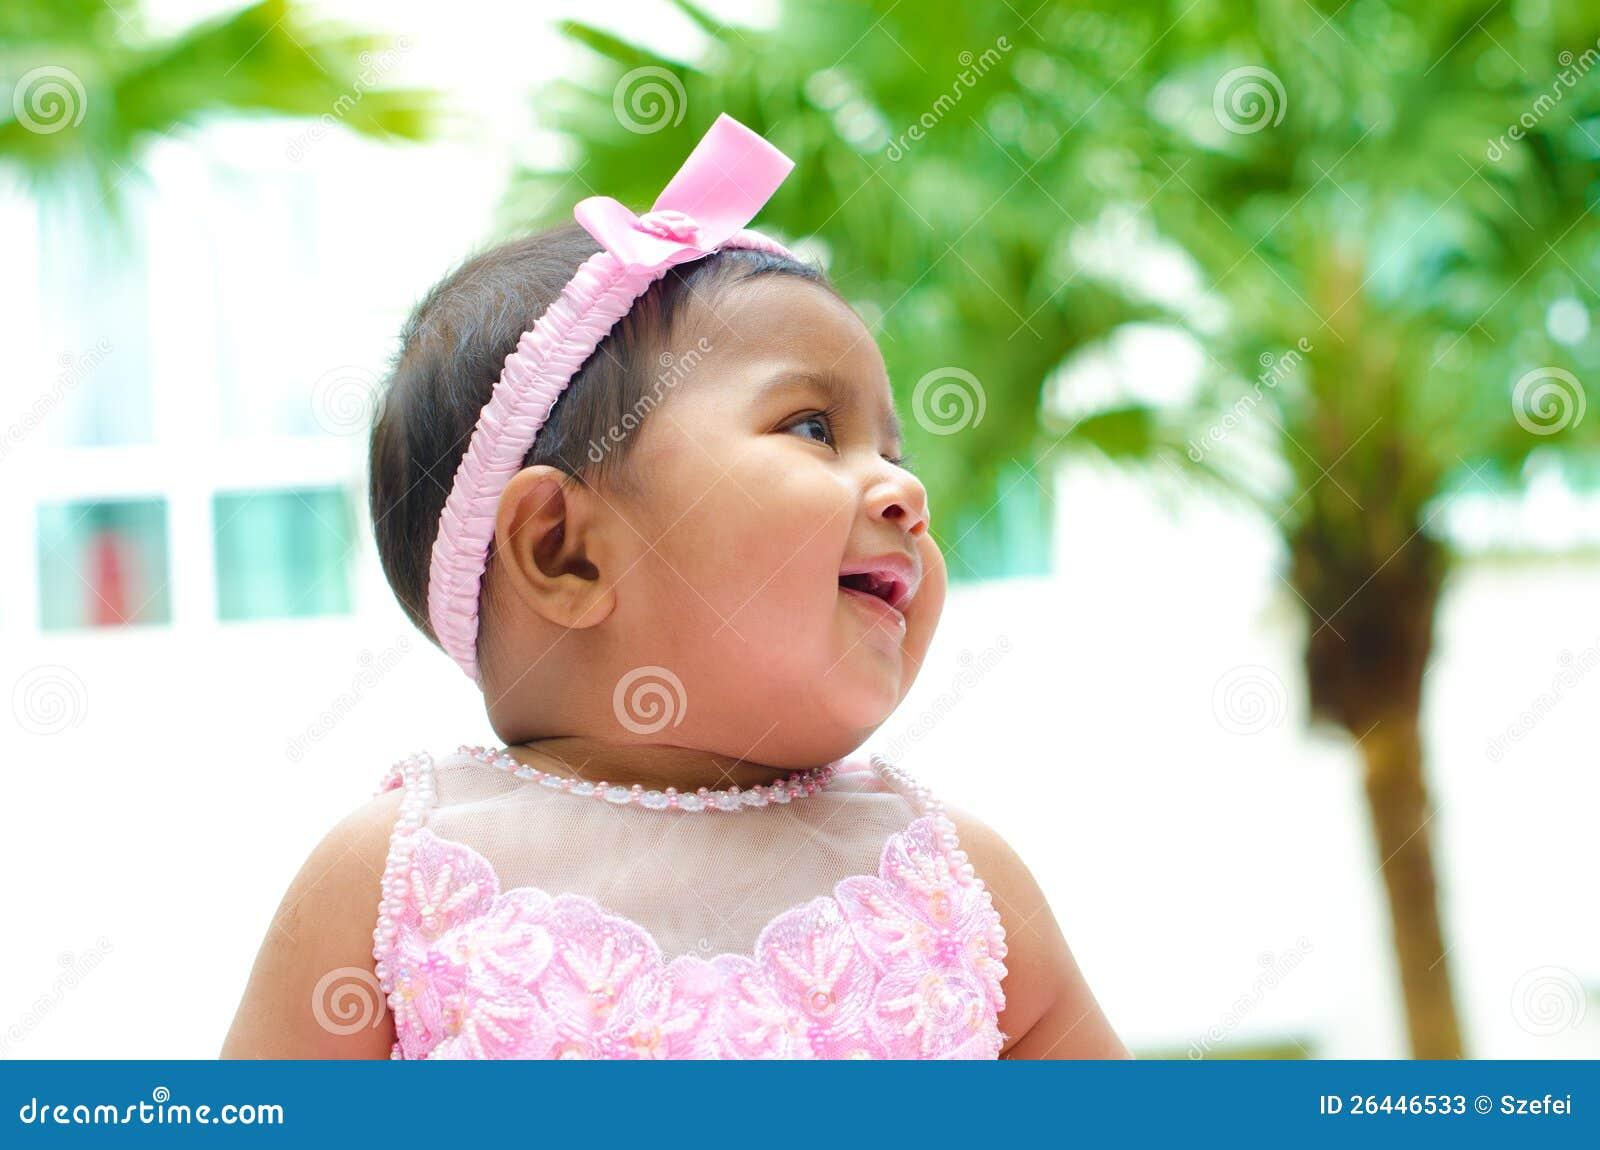 Full naked kerala small girls #6